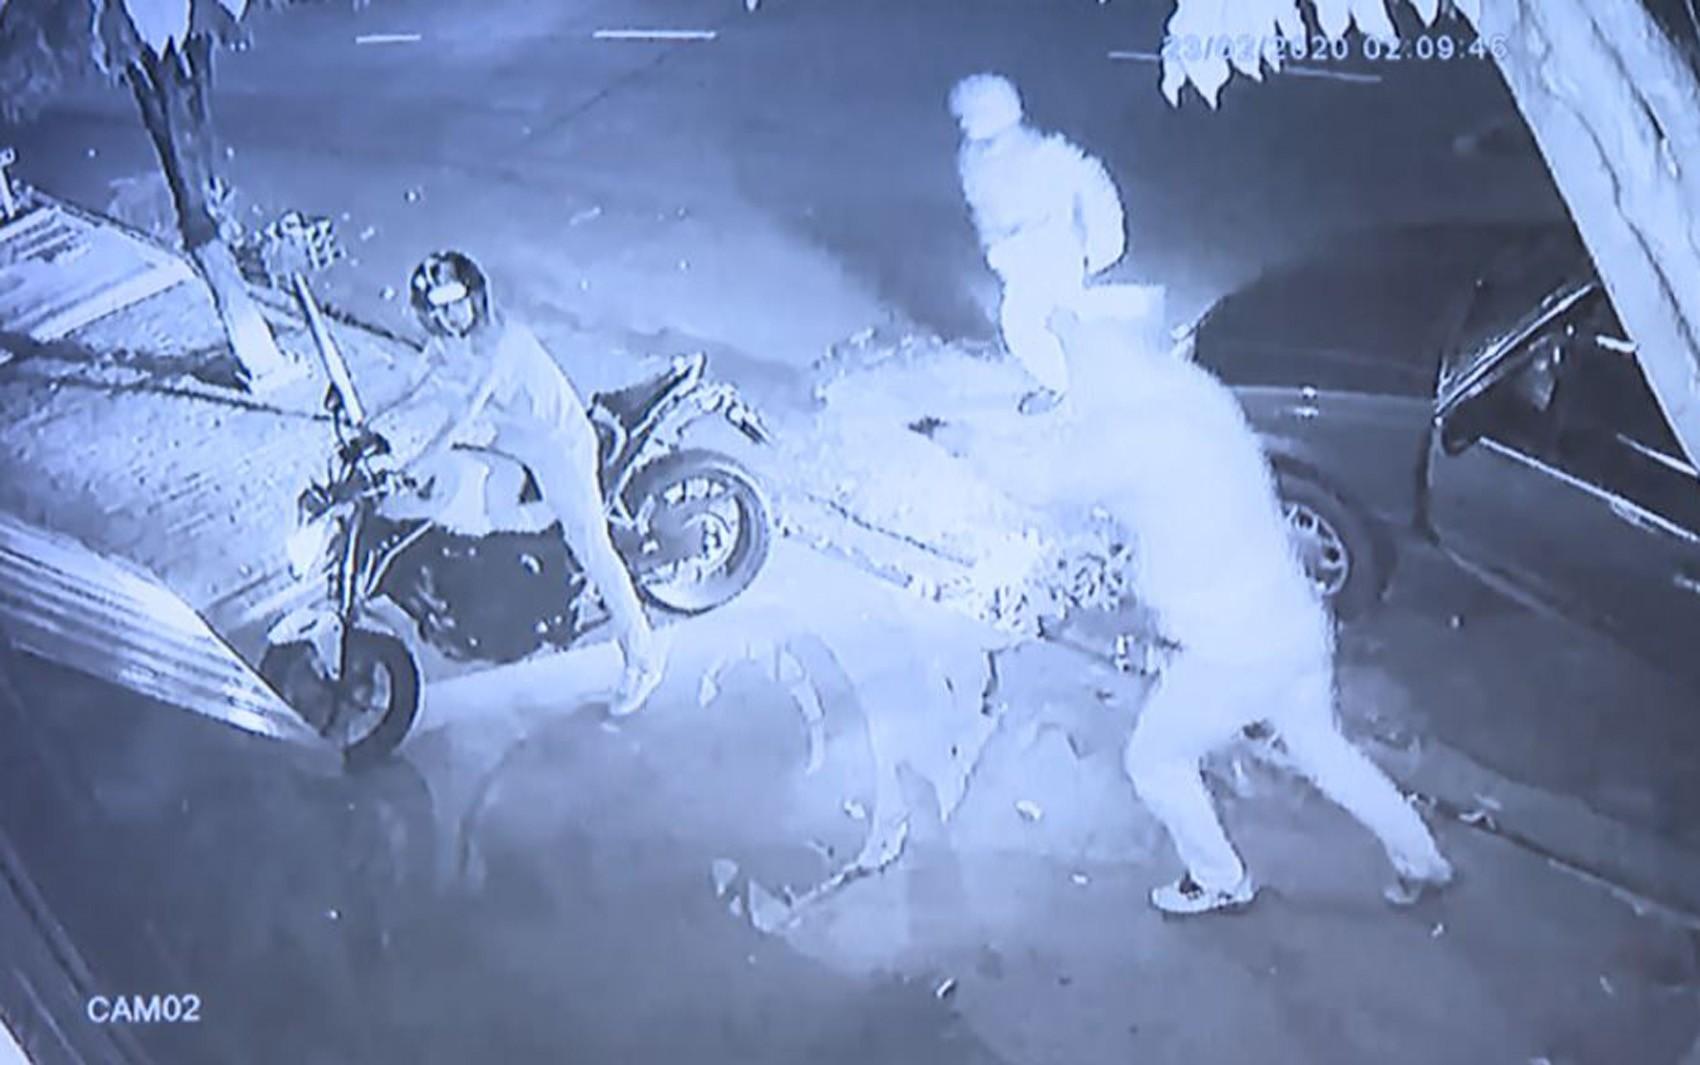 Deficiente auditivo é rendido por dupla armada e tem moto roubada em Bonfim Paulista